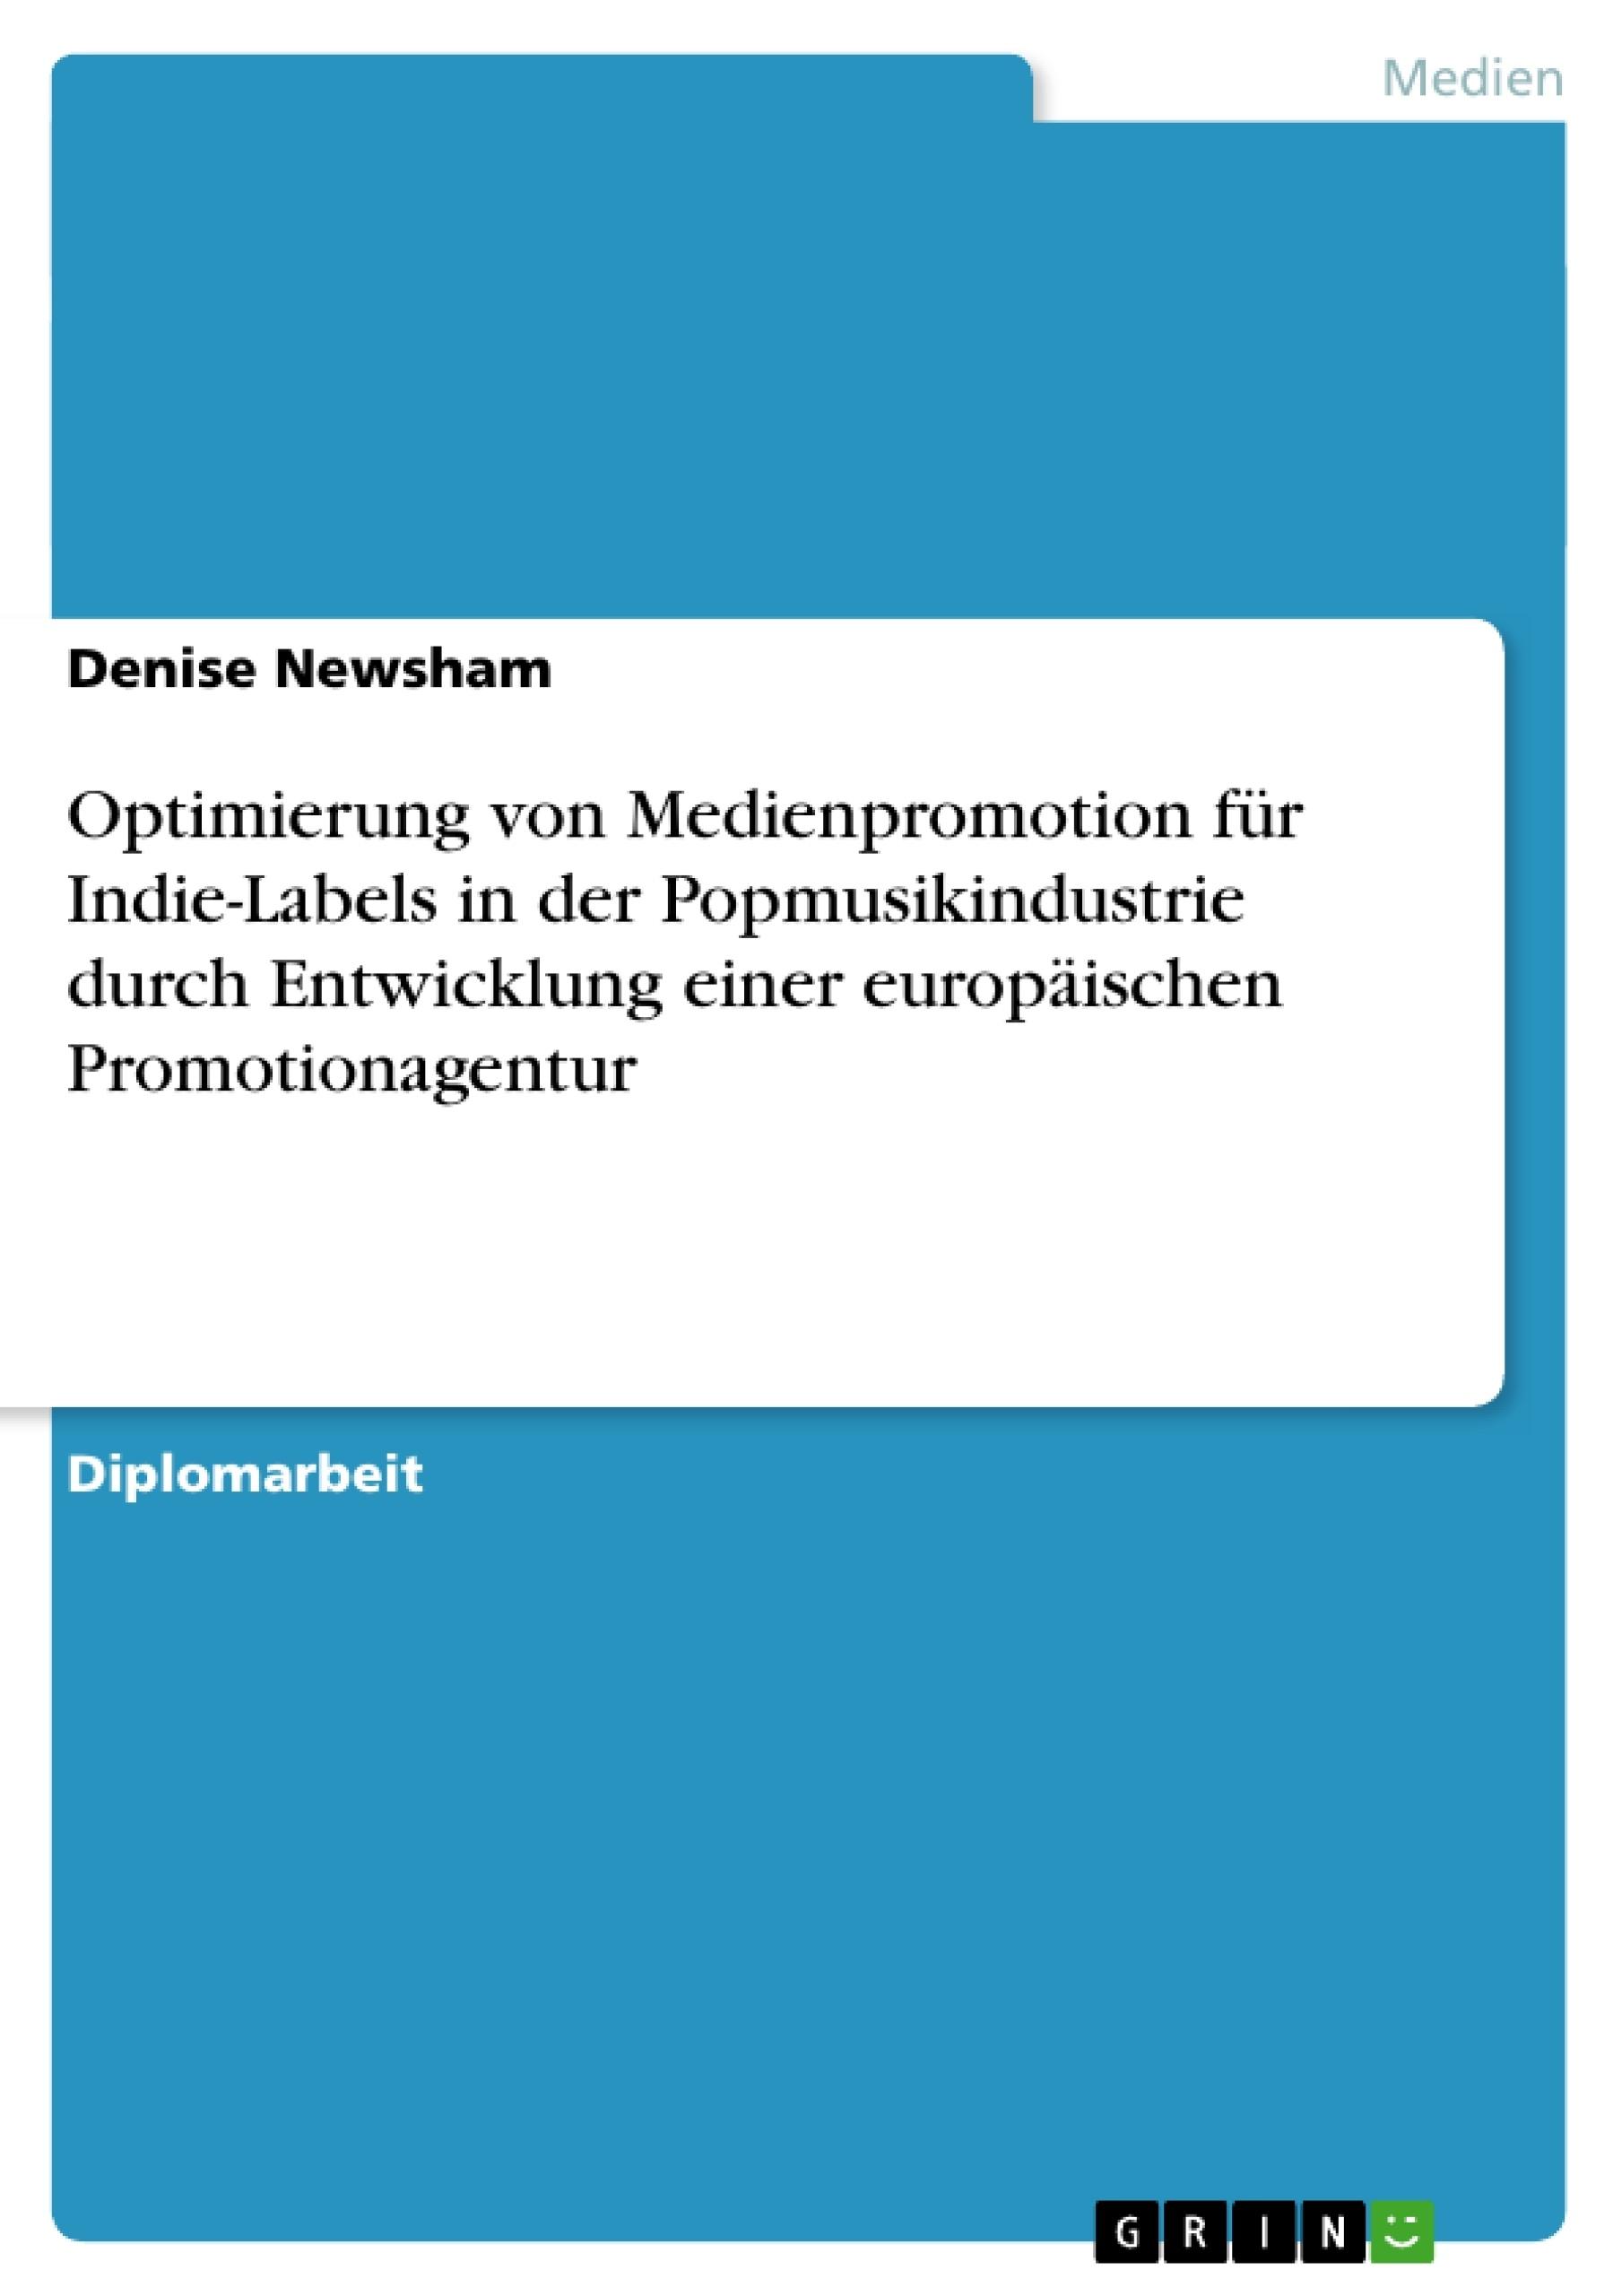 Titel: Optimierung von Medienpromotion für Indie-Labels in der Popmusikindustrie durch Entwicklung einer europäischen Promotionagentur